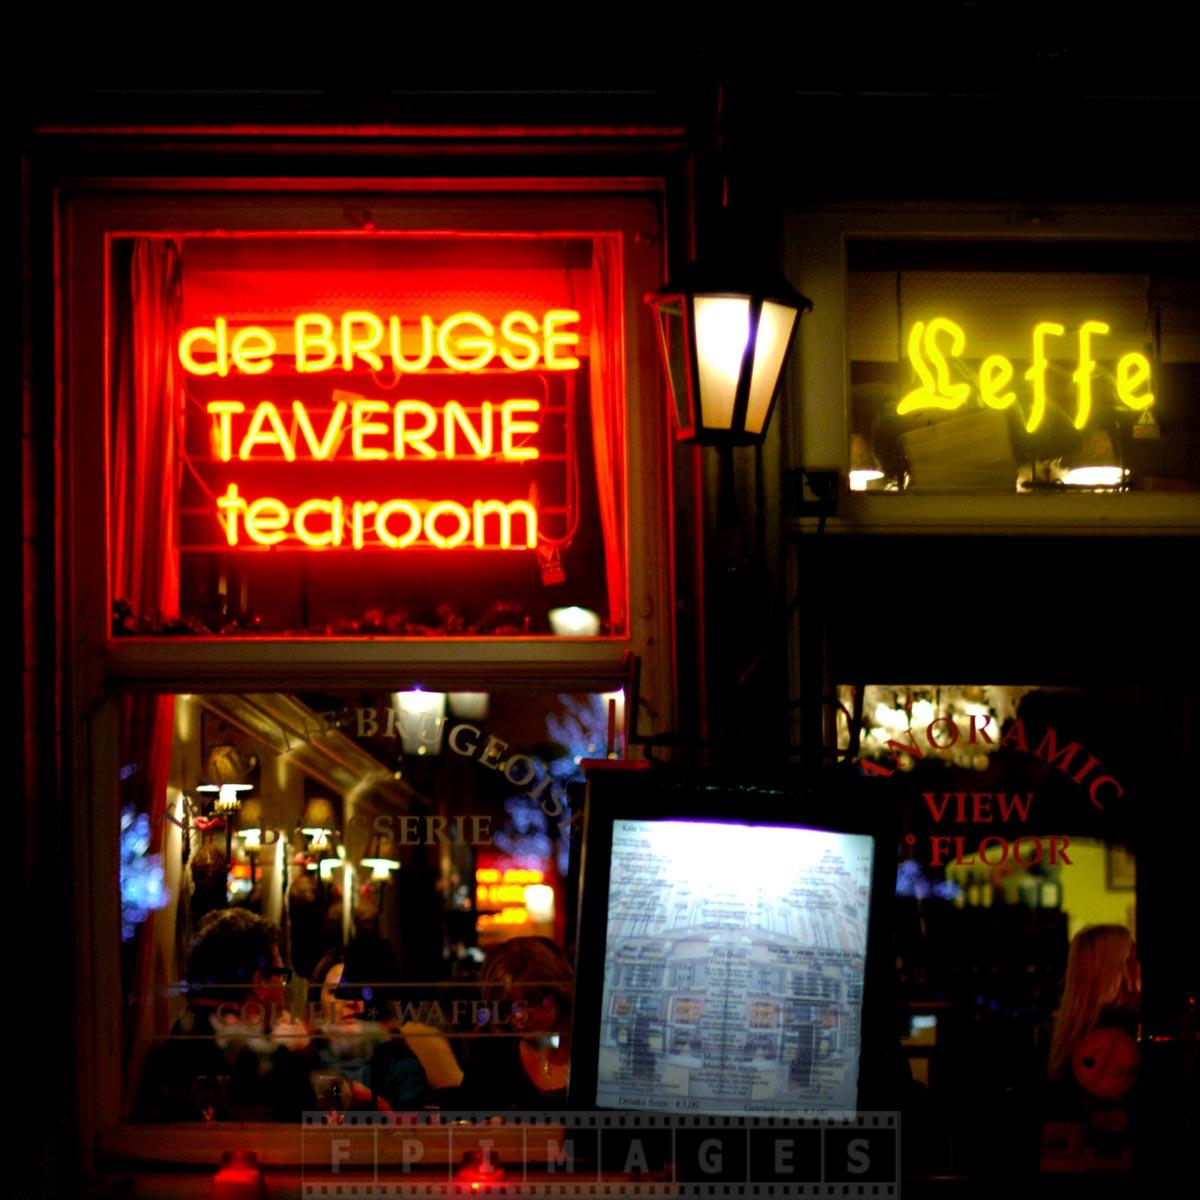 Bruges taverne in Market square